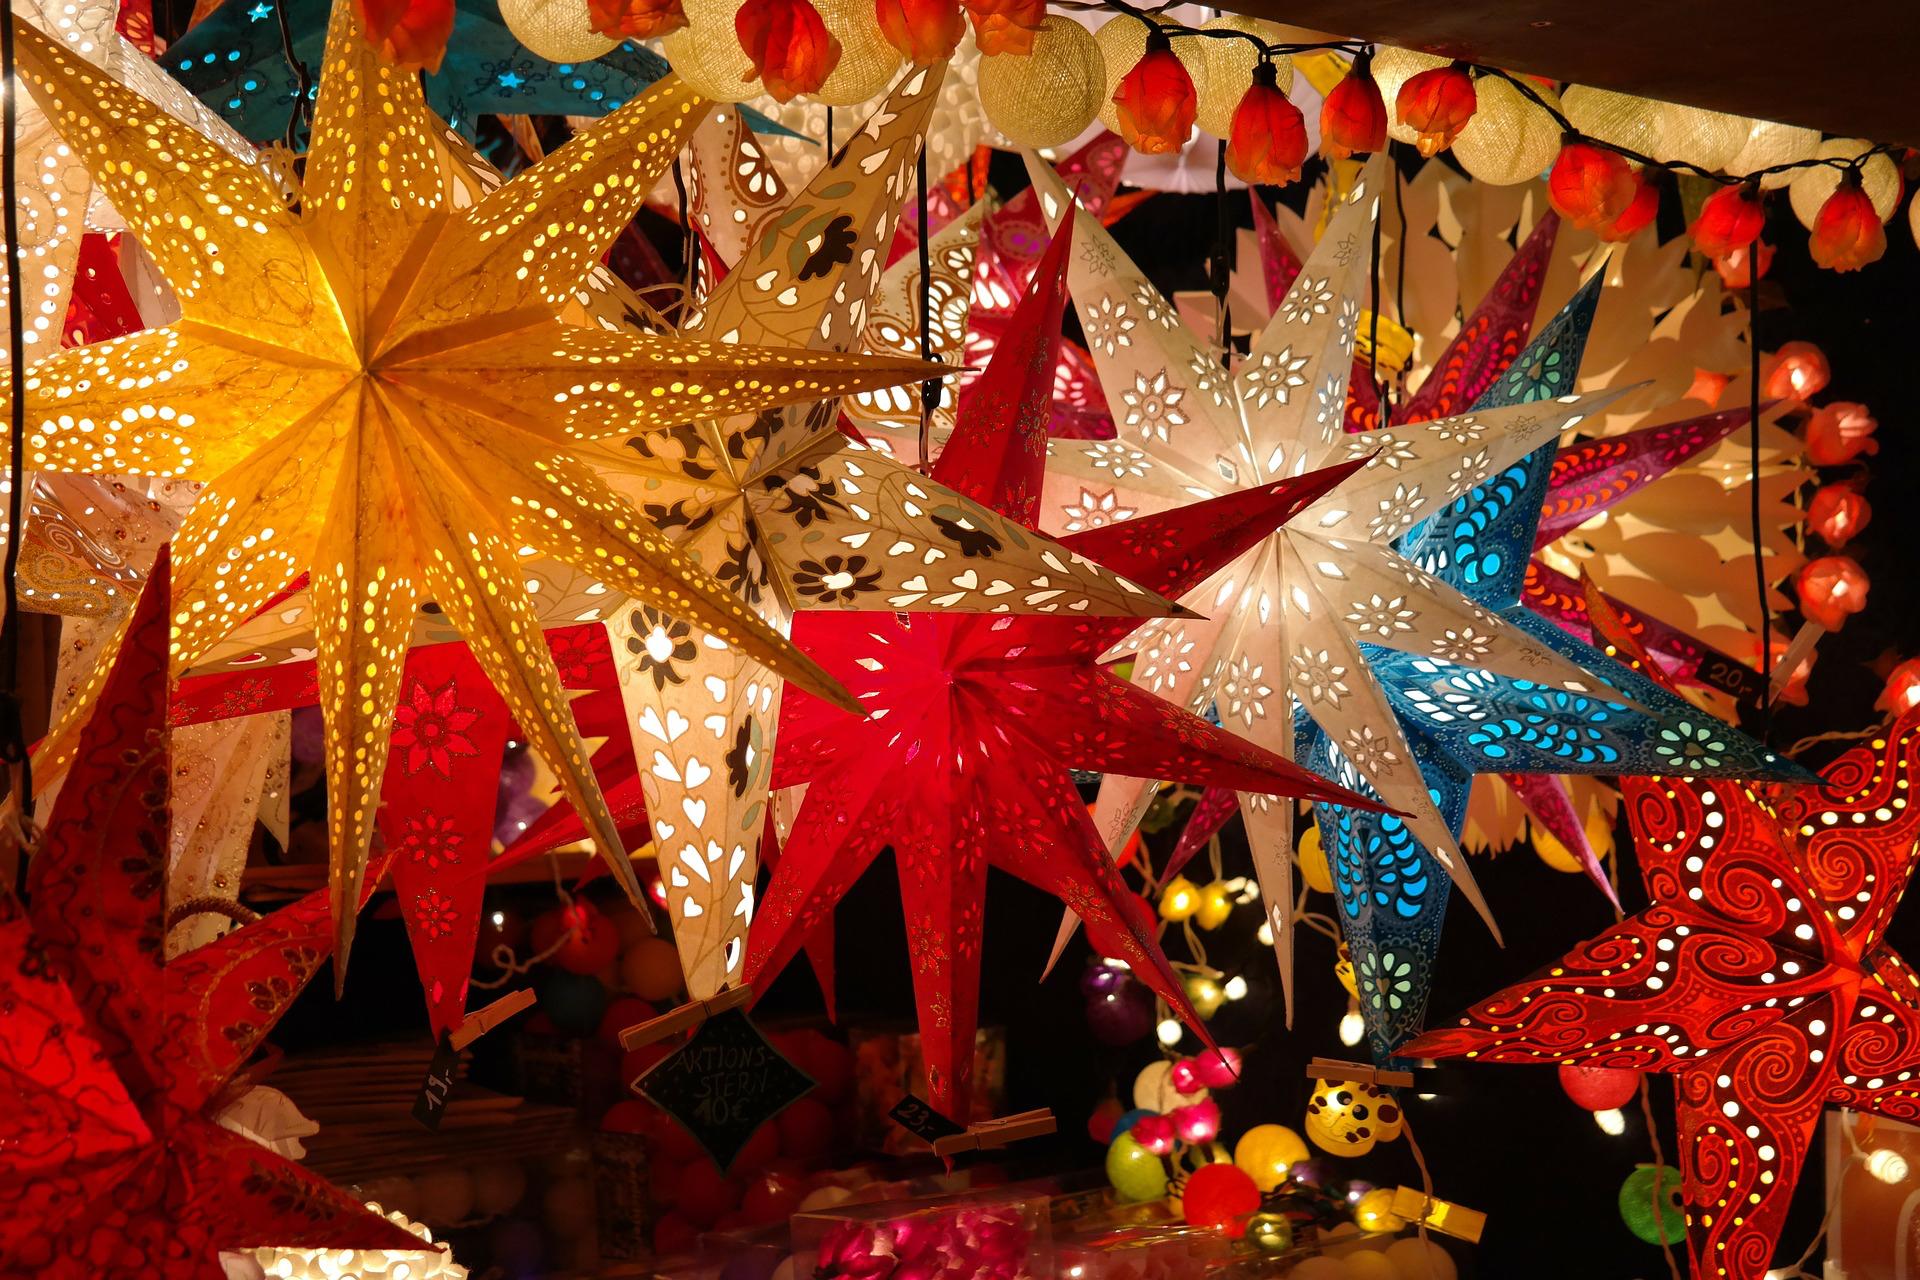 Romantischer Weihnachtsmarkt.Romantischer Weihnachtsmarkt Fassdeko